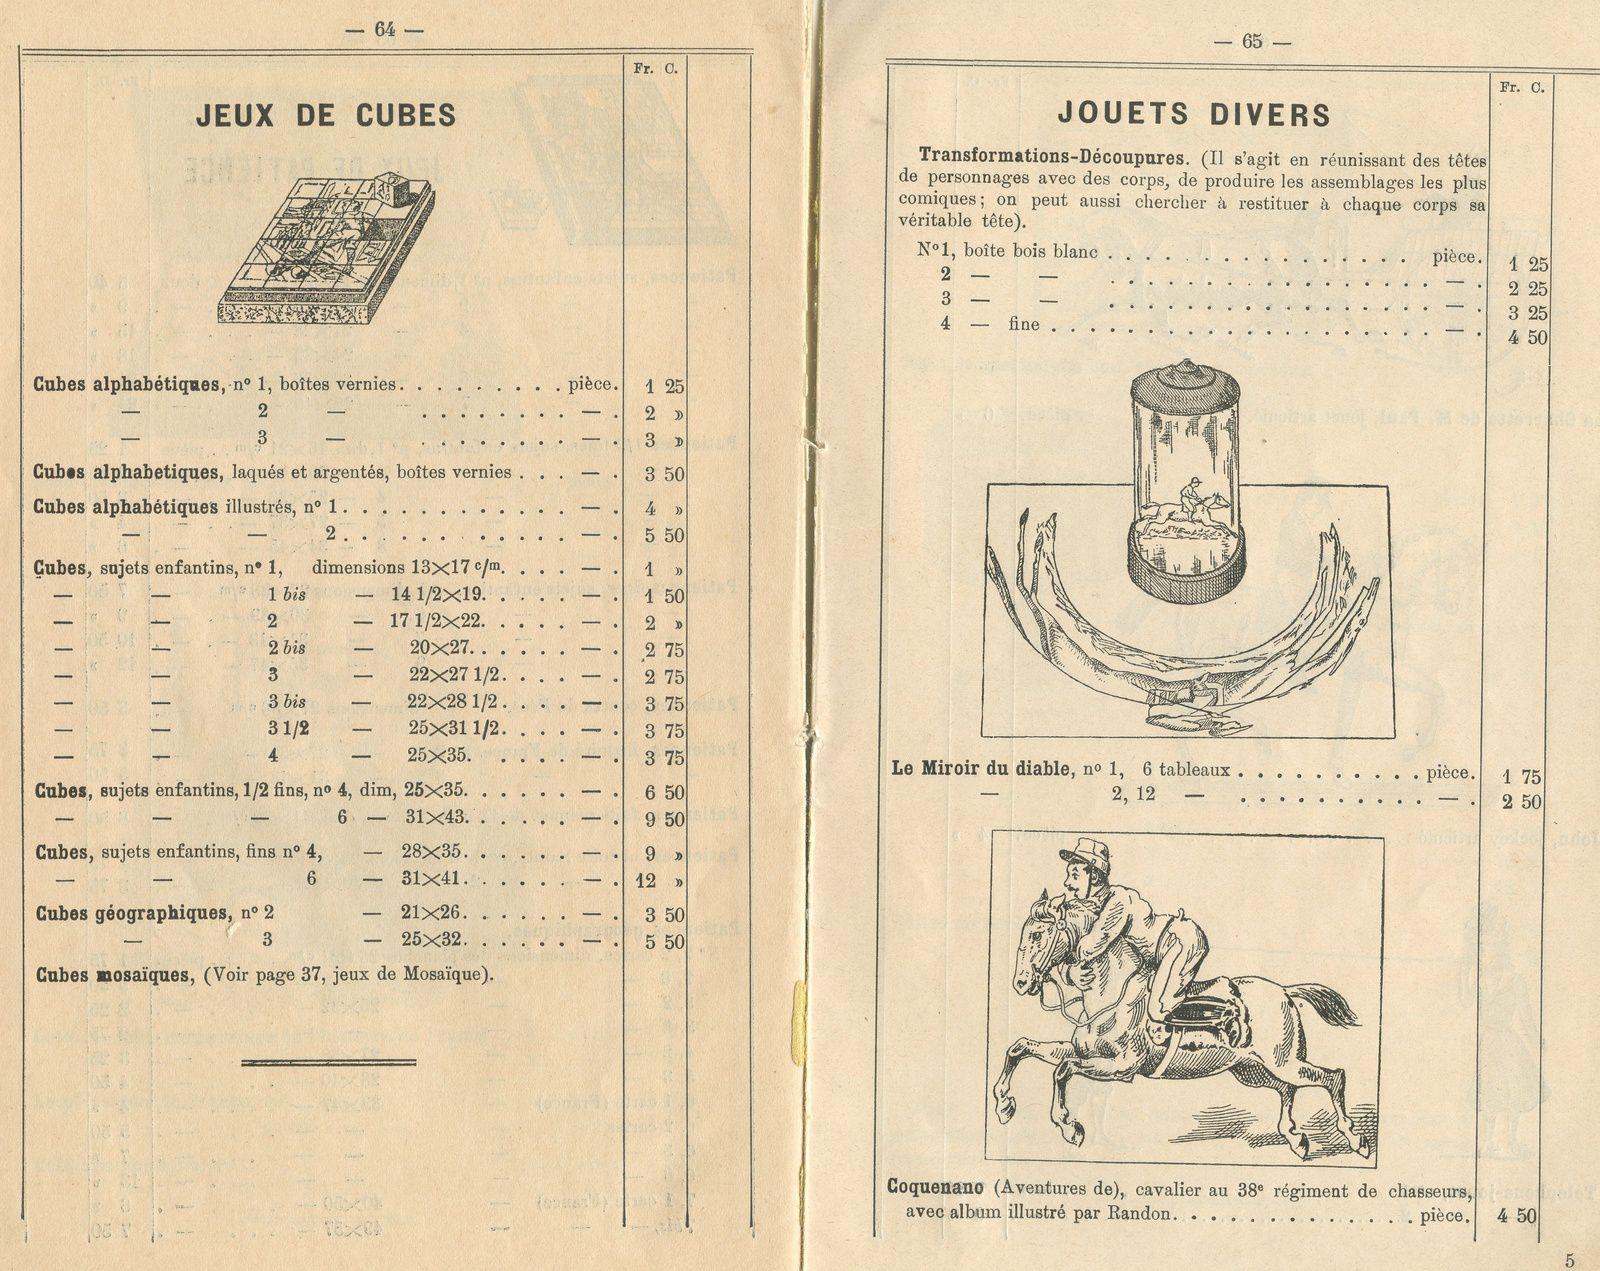 jeux WATILLIAUX : le catalogue 1903